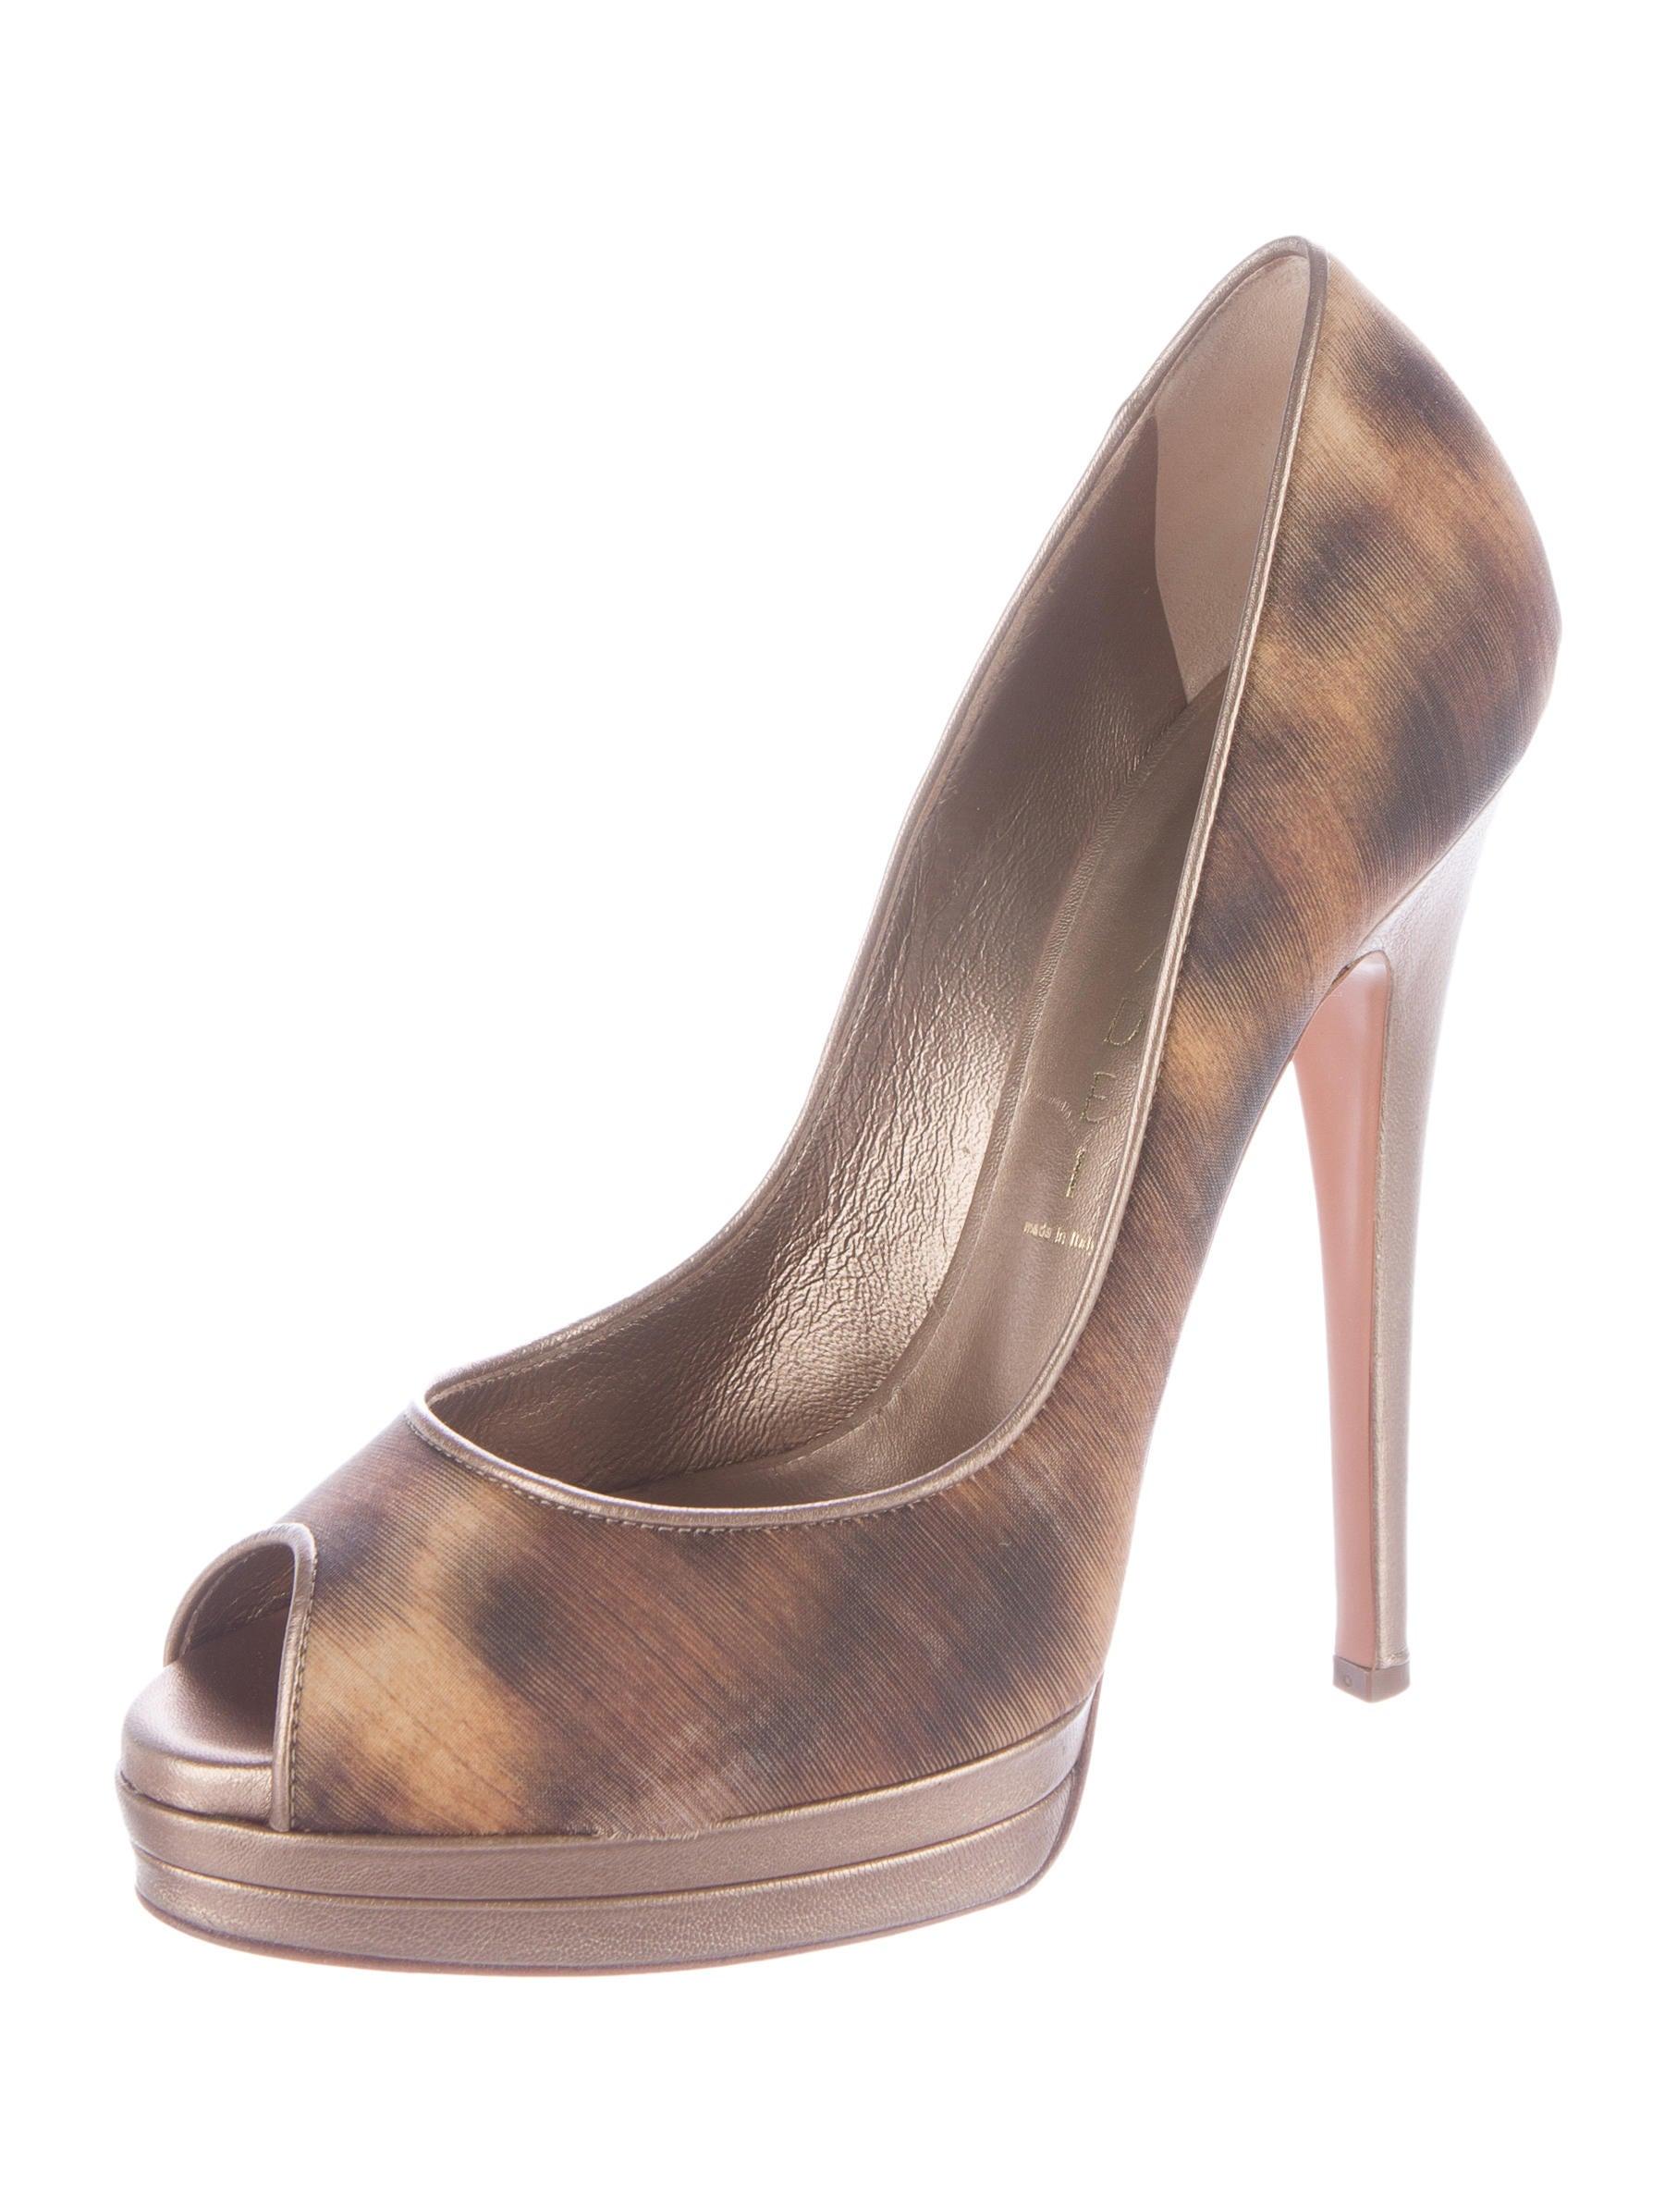 casadei platform peep toe pumps shoes cei22348 the